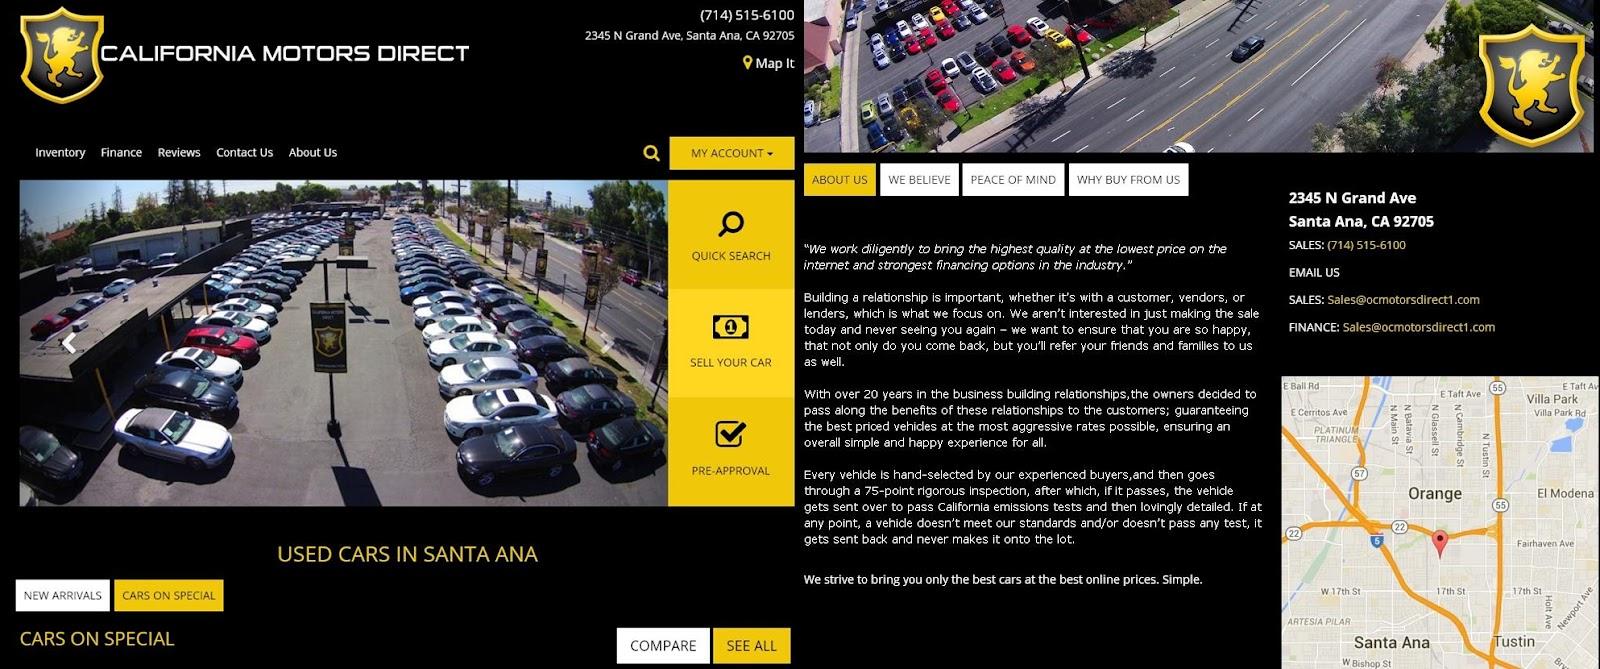 Car2TW建議千萬不要向這家在加州洛杉磯的黑心詐騙車商買車喔